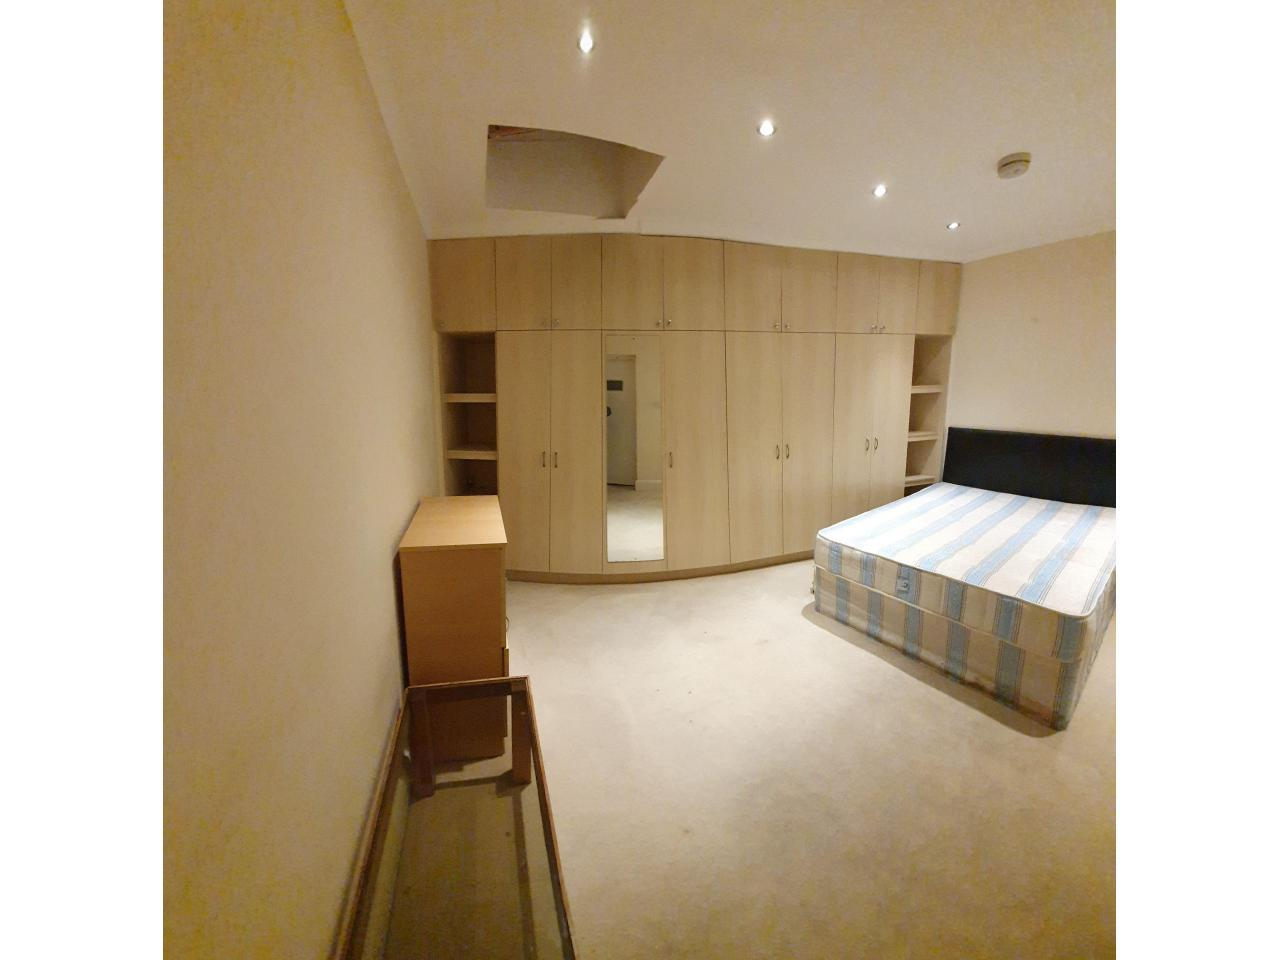 Сингл и Дабл комнаты в аренду £80, £145 и £150 в неделю. - 9